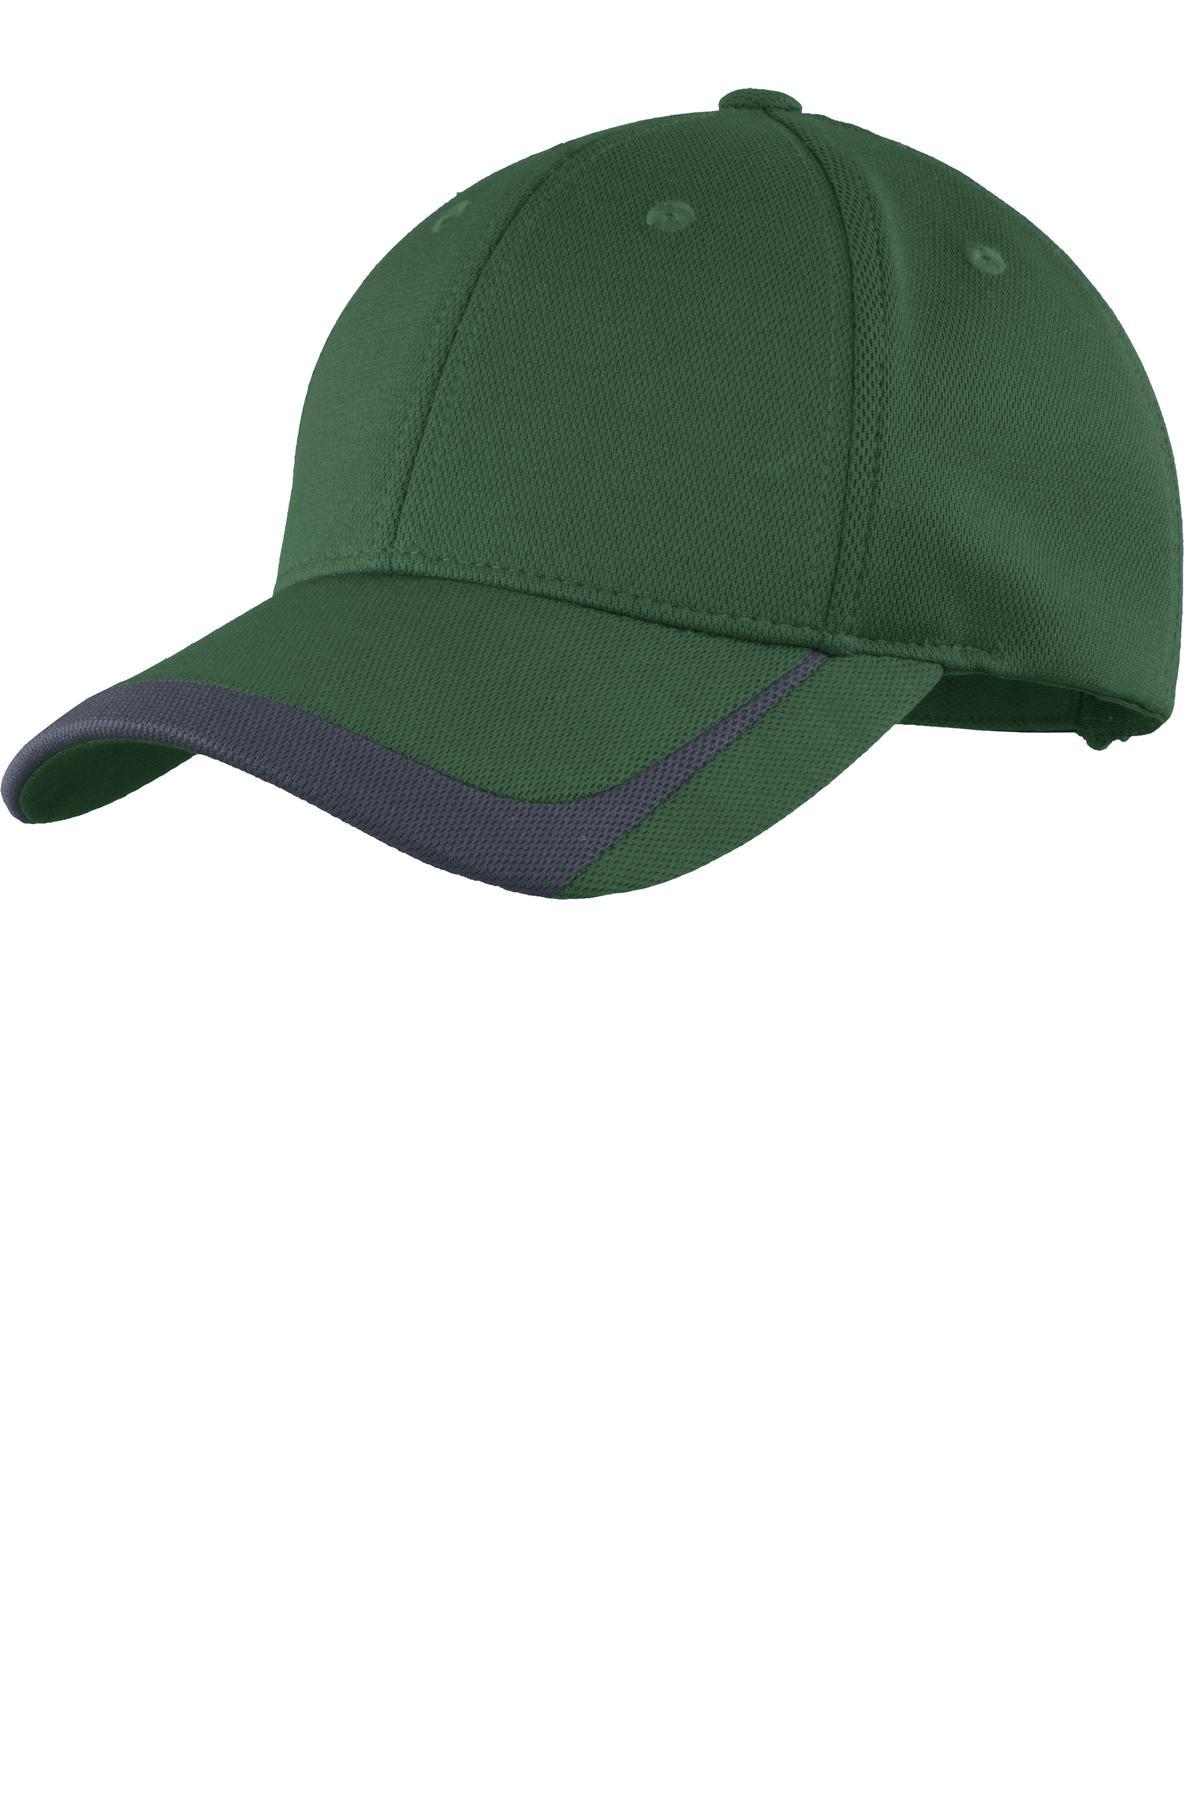 Sport-Tek® STC24 - Pique Colorblock Cap